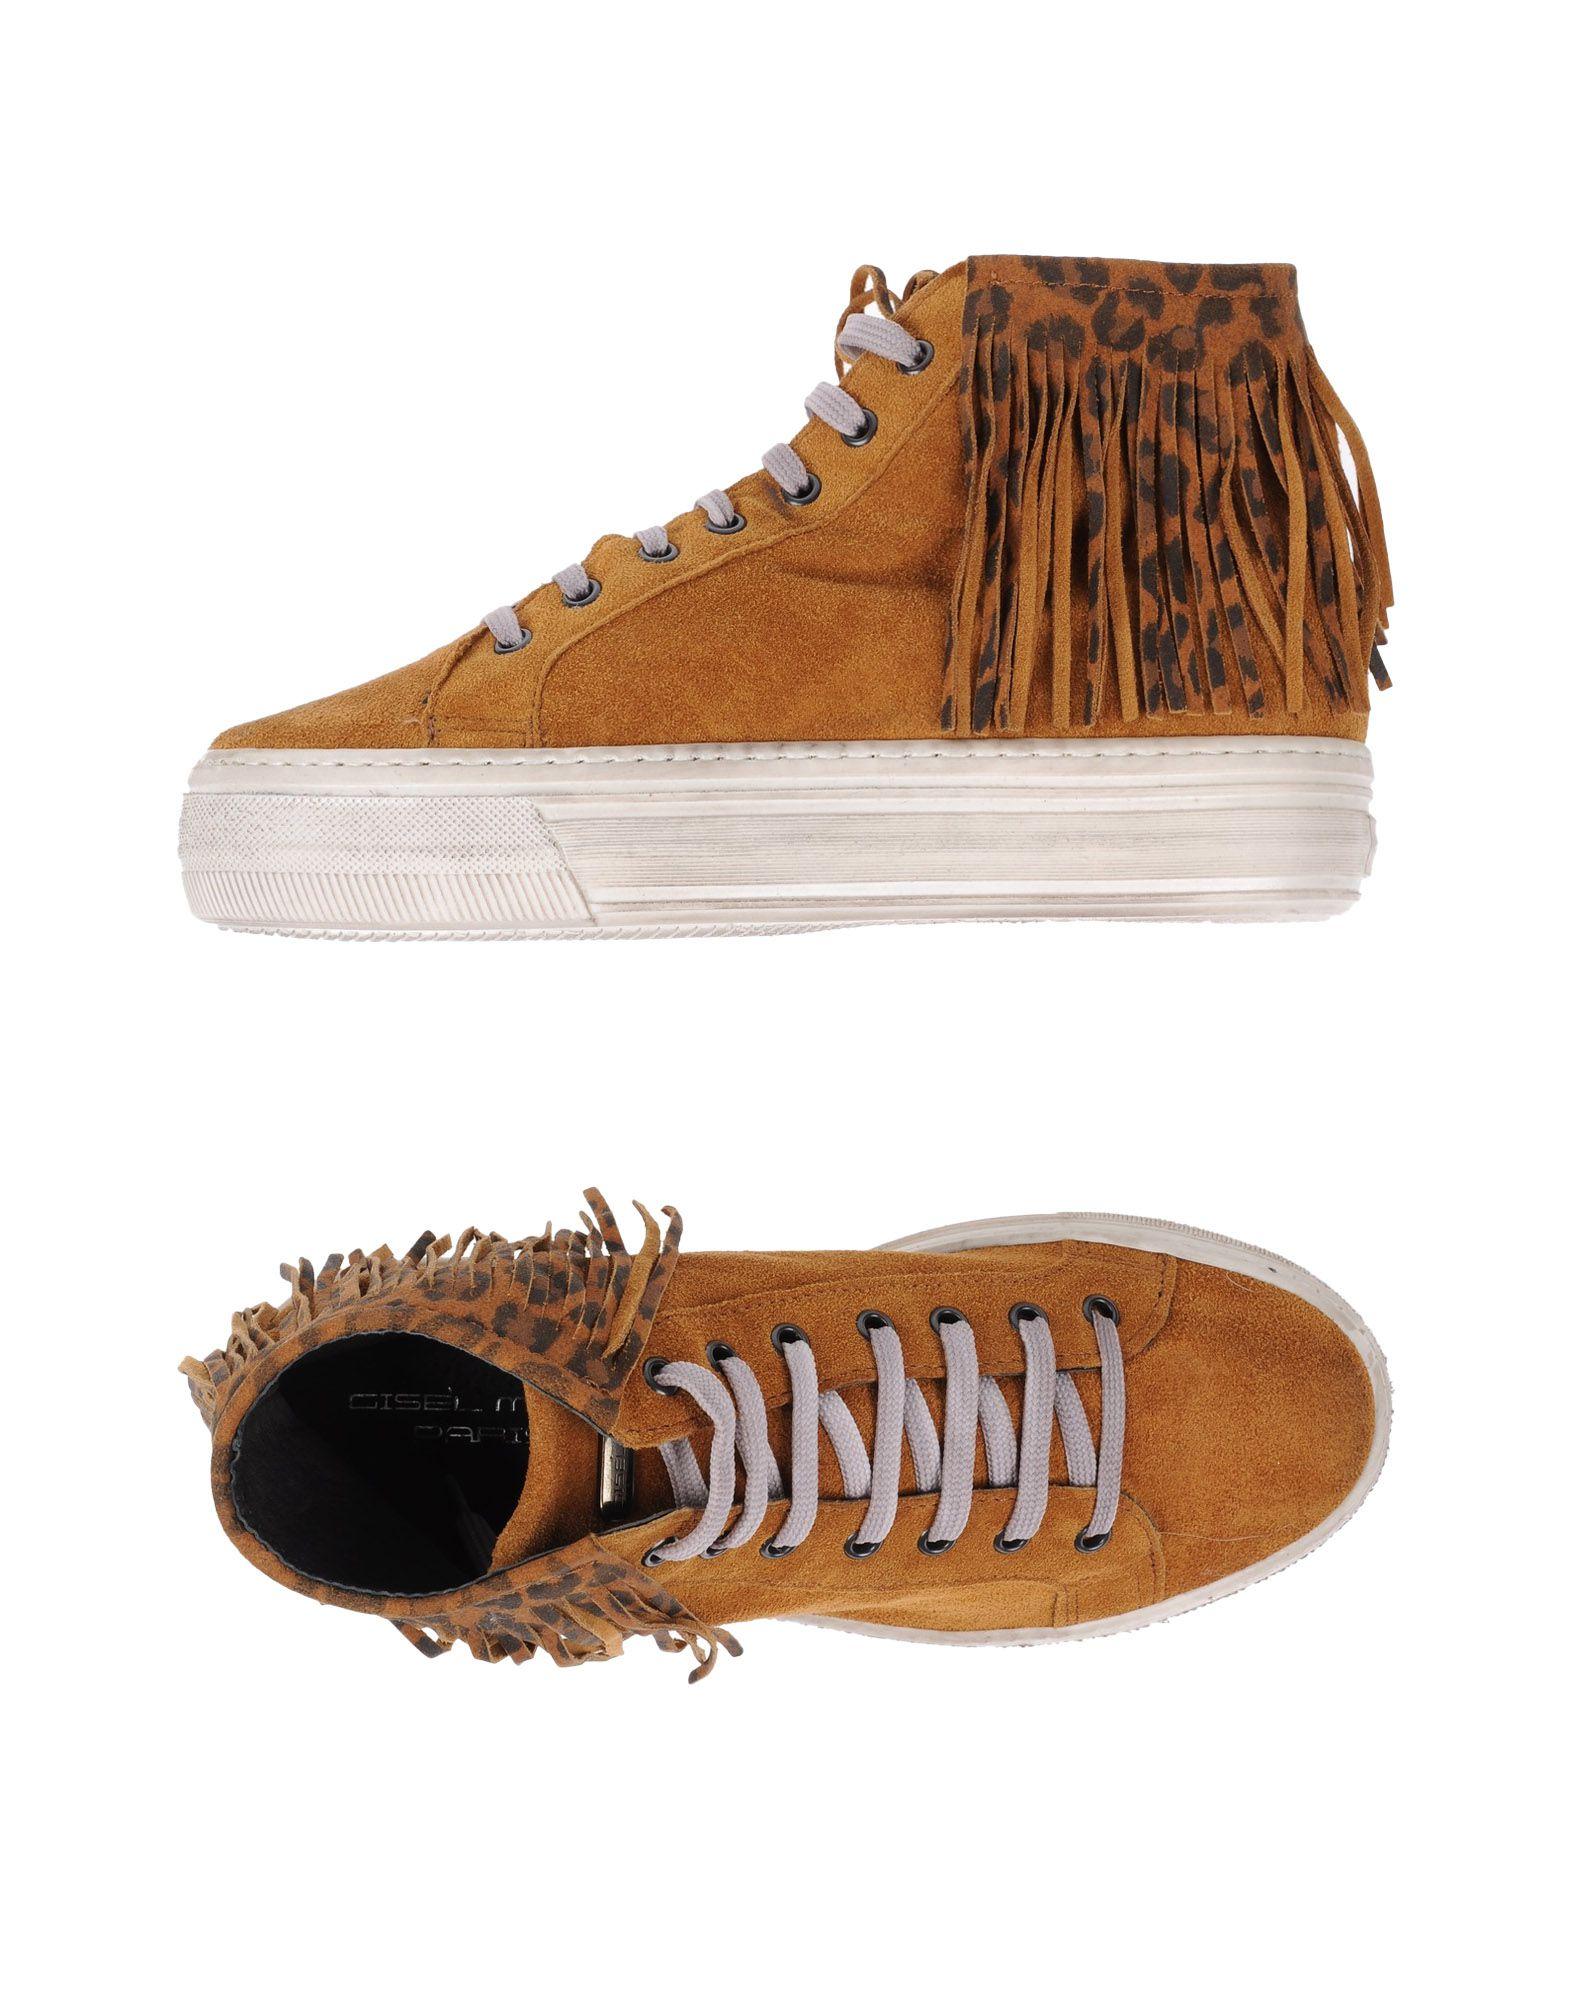 Sneakers Gisèl Moirè  Paris Femme - Sneakers Gisèl Moirè  Paris sur